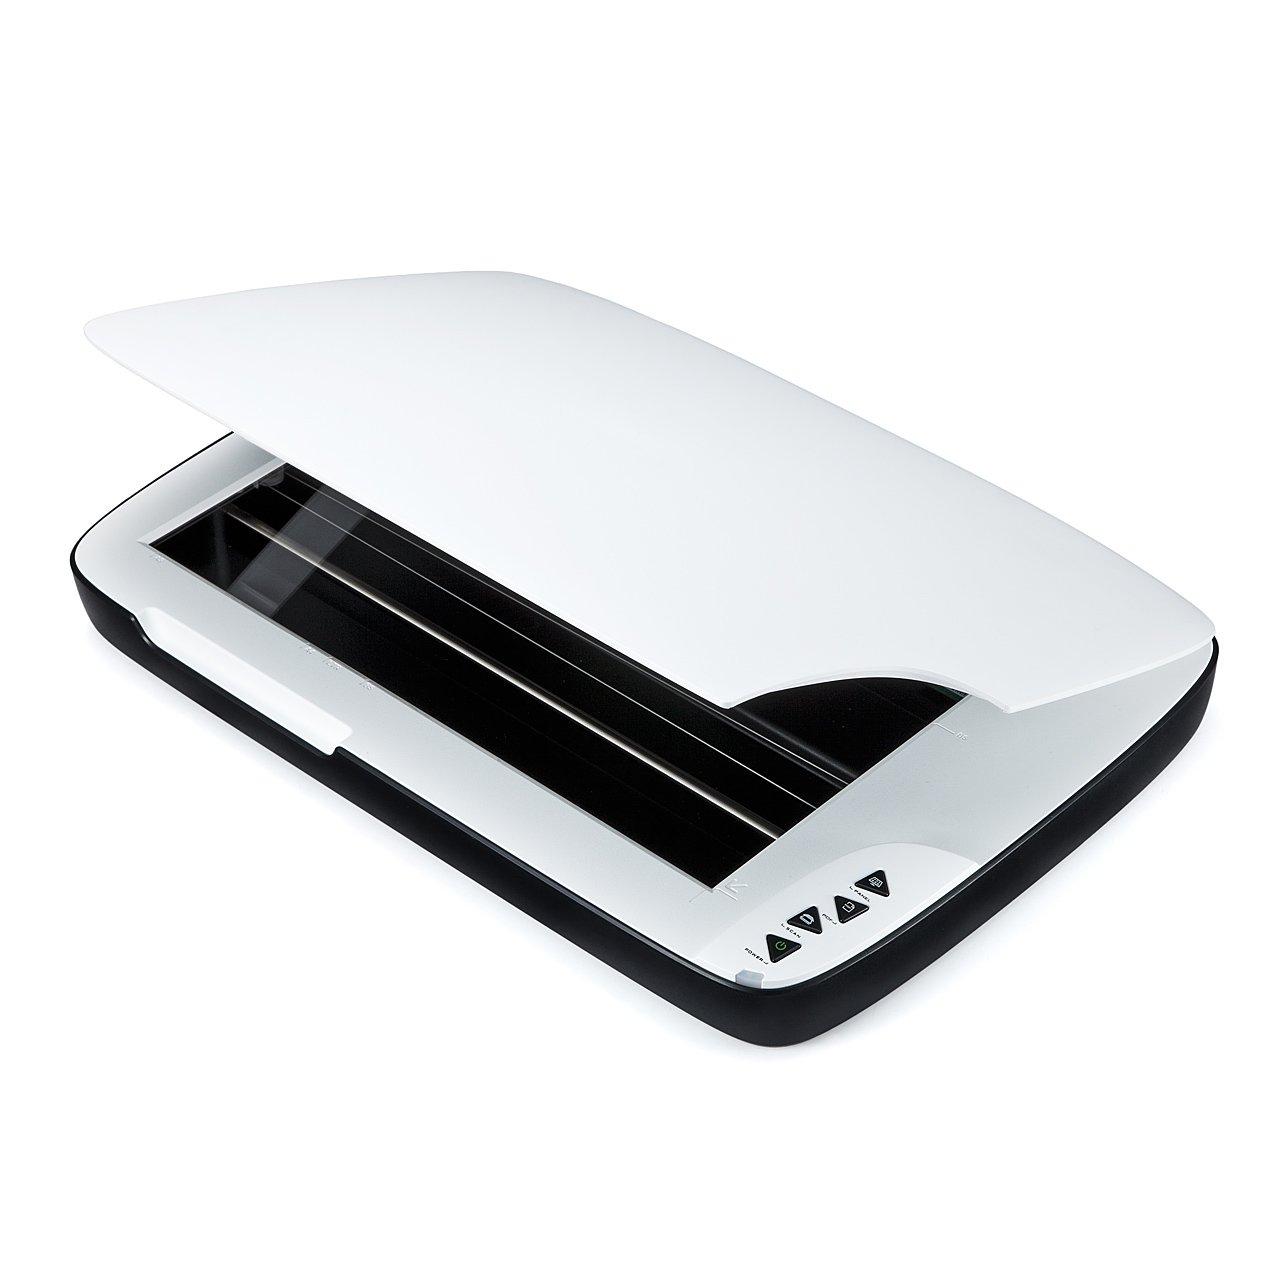 サンワダイレクト スキャナ A3・A4対応 フラットベッド 高解像度 2400dpi対応 TWAIN対応 400-SCN025